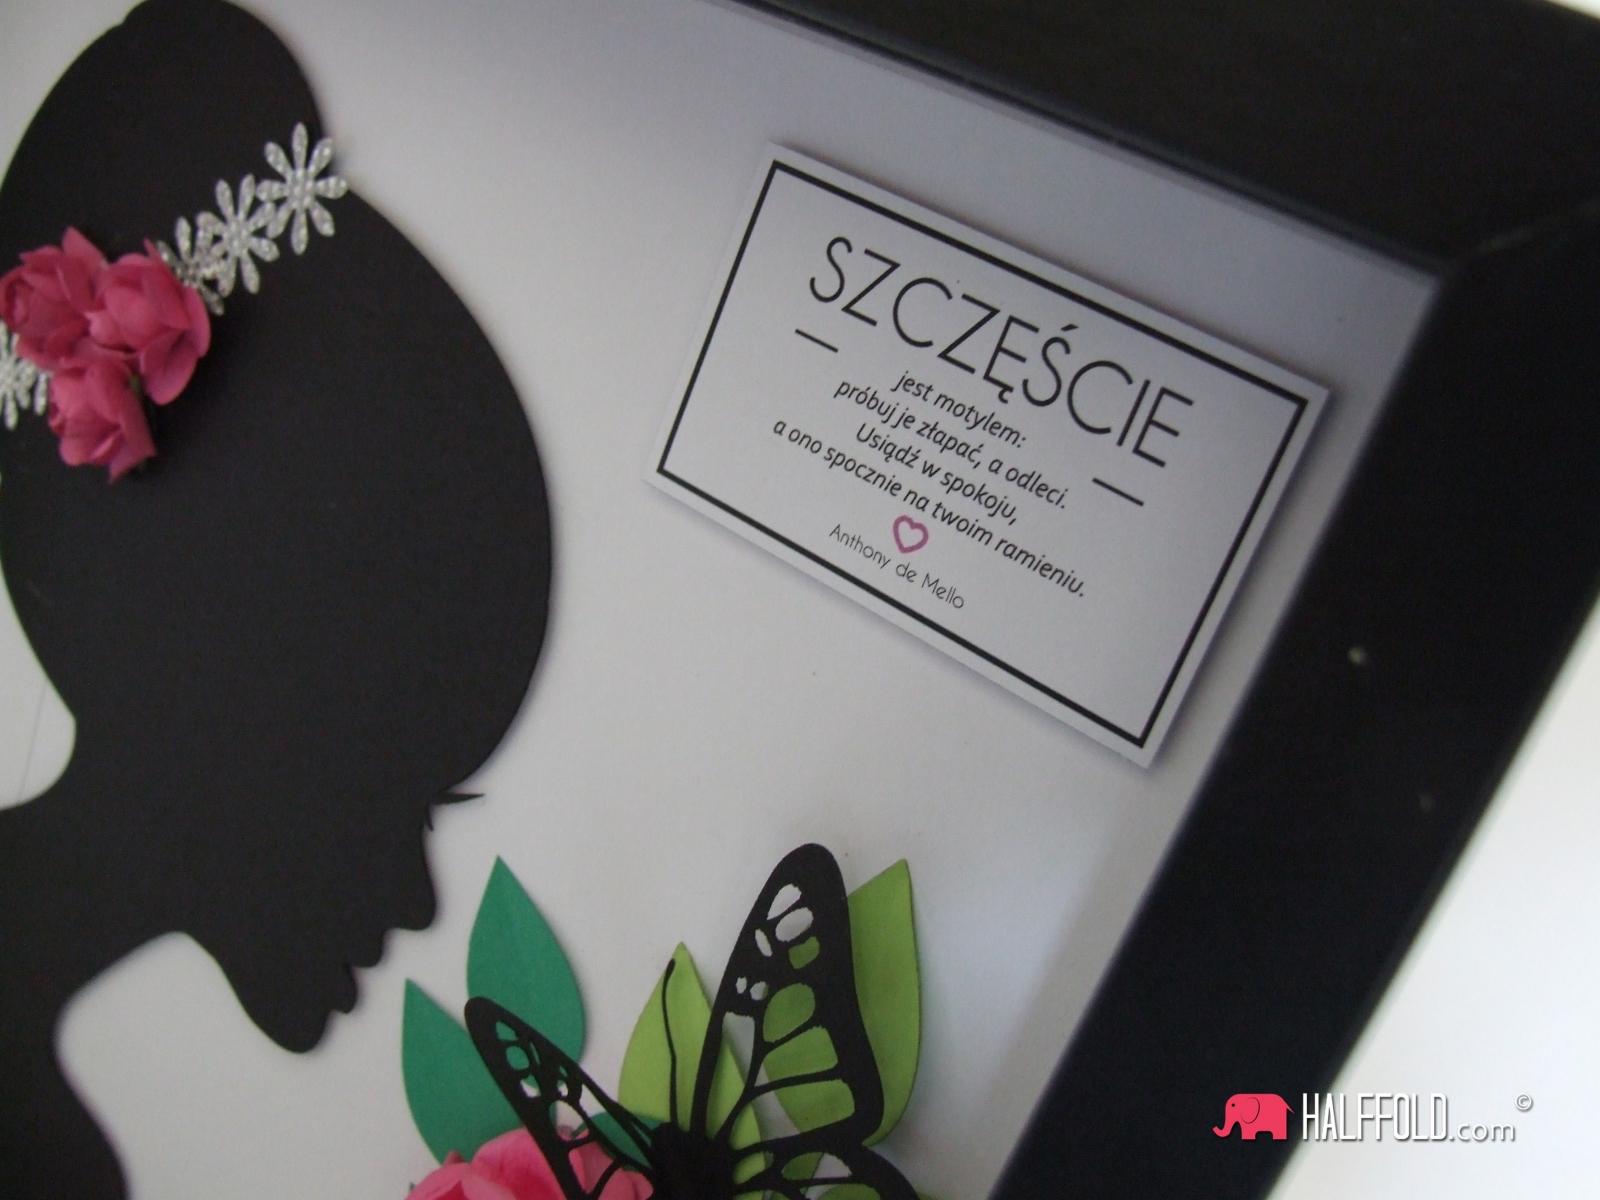 kobieta kwiat szczescie halffold studio logo